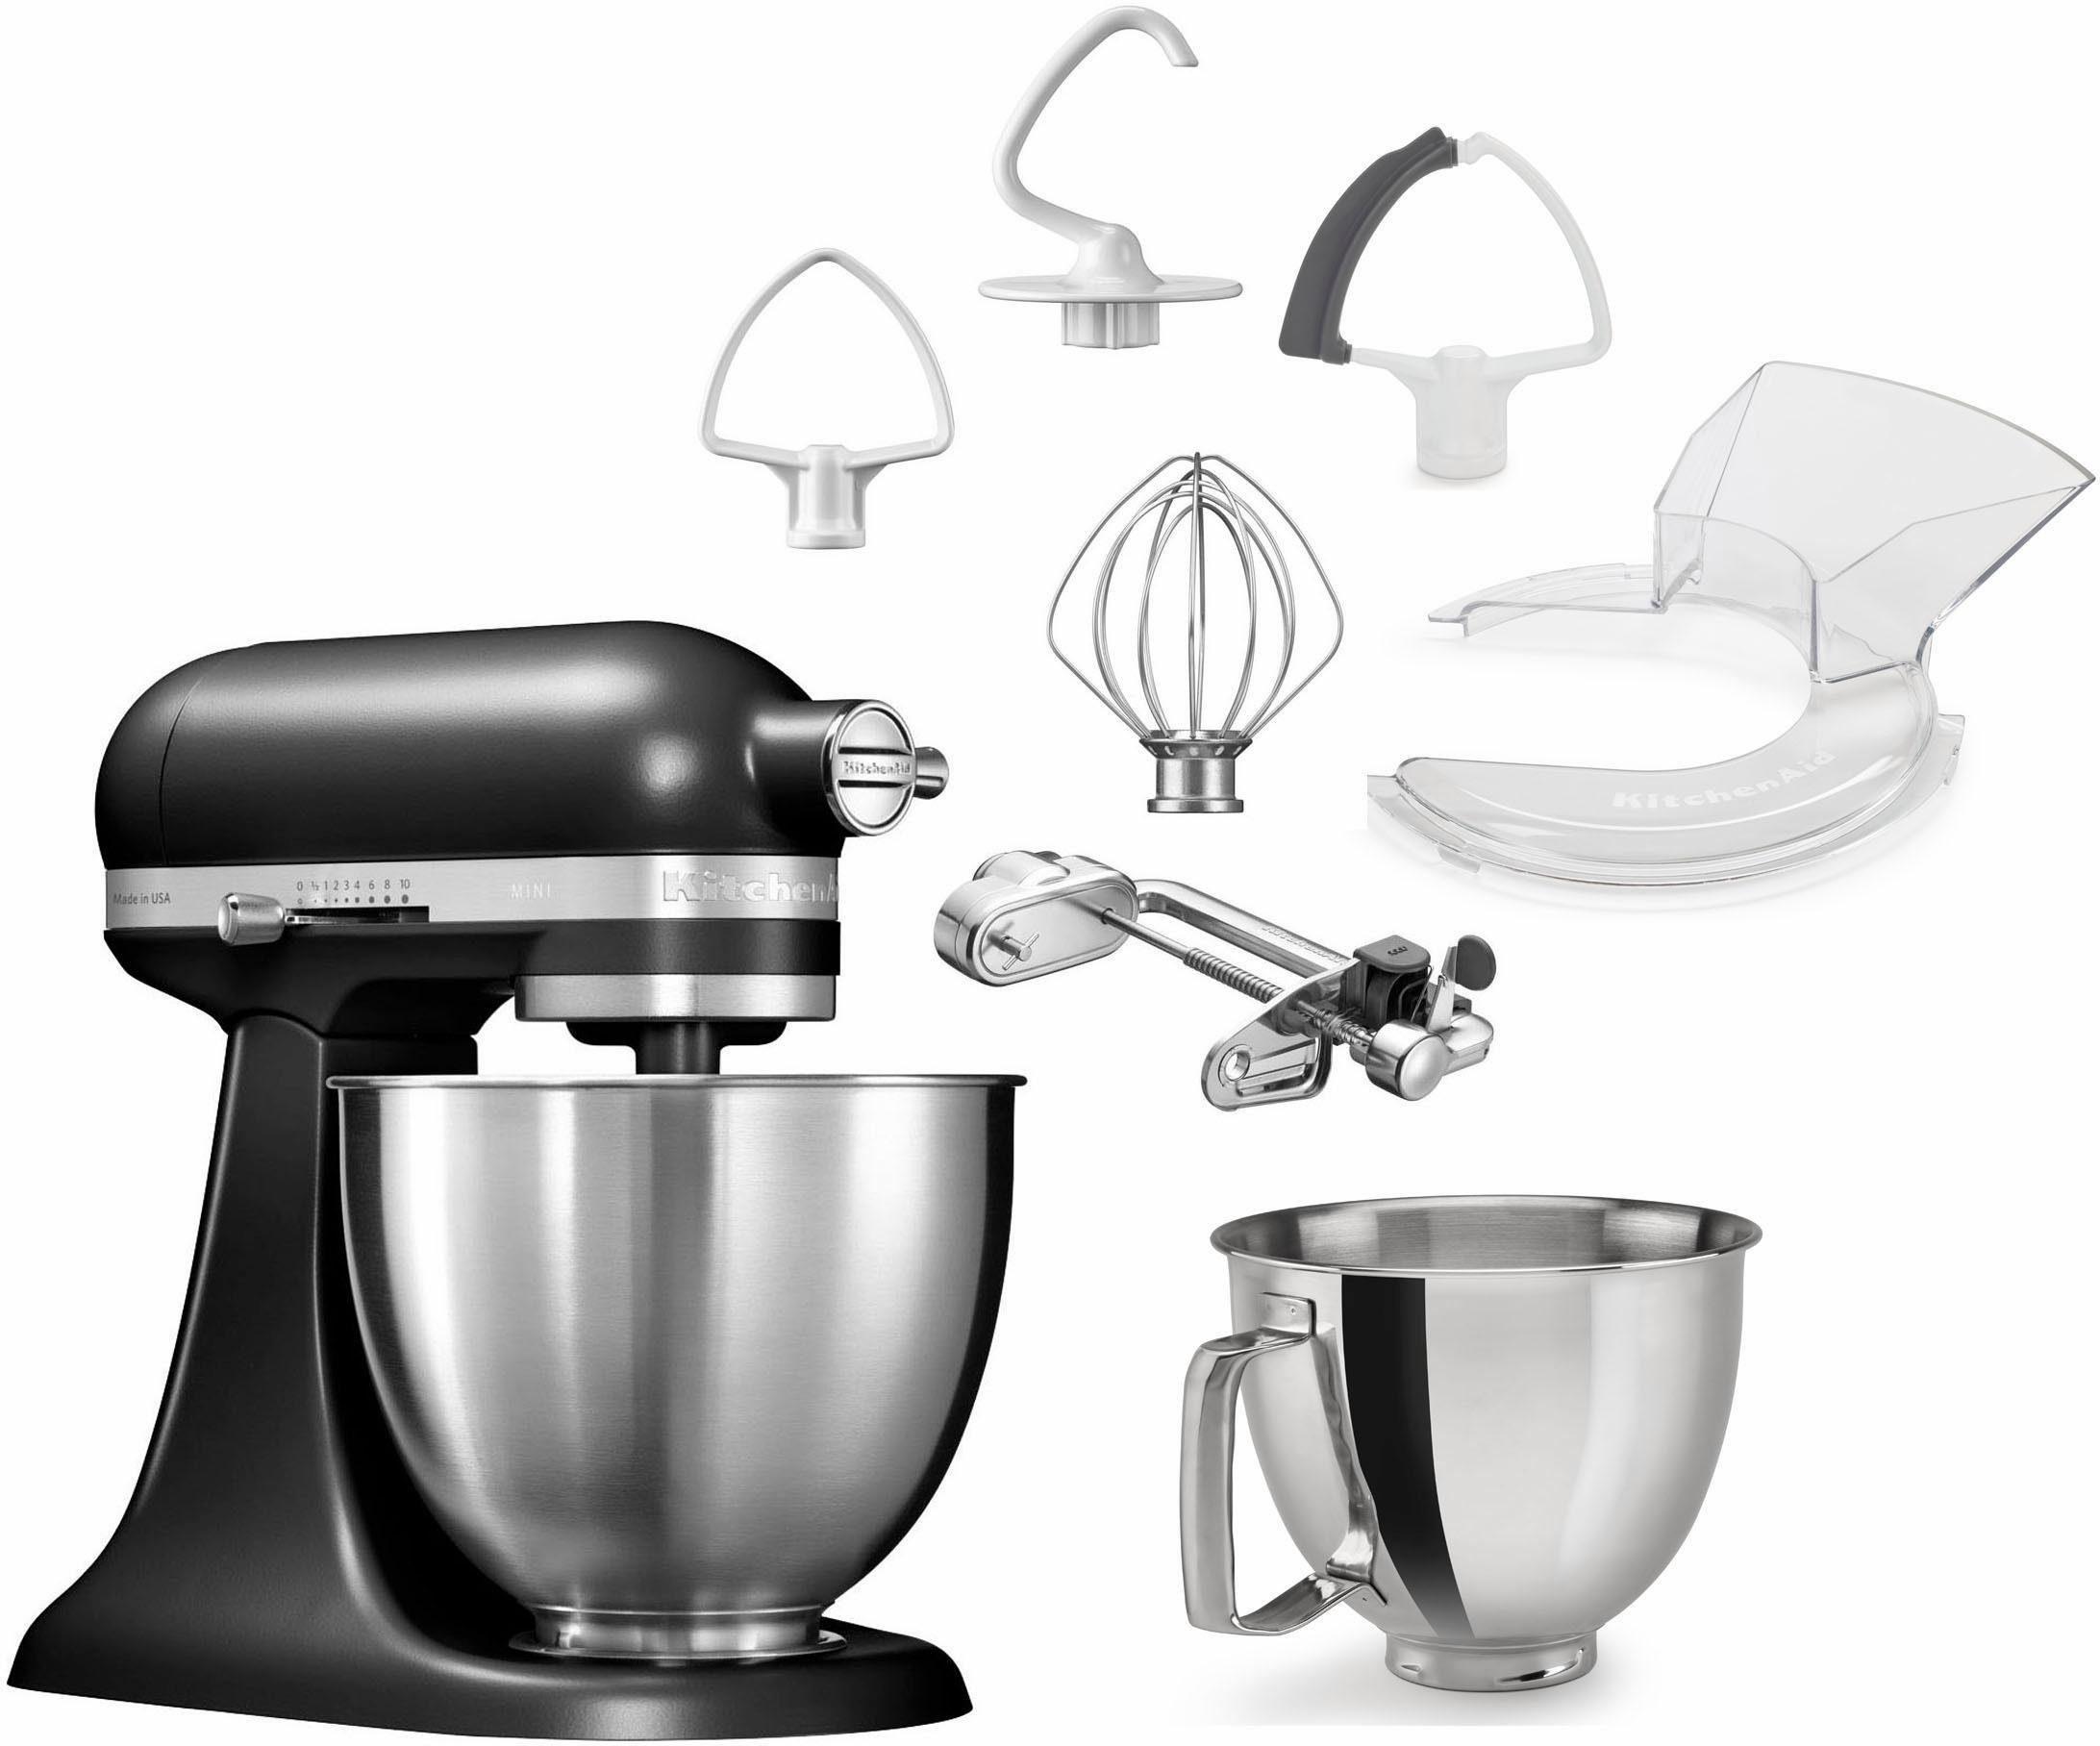 KitchenAid Küchenmaschine Mini 5KSM3311XEBM, 250 W, 3,3 l Schüssel, mit Sonderzubehör im Wert von 279,-€ UVP